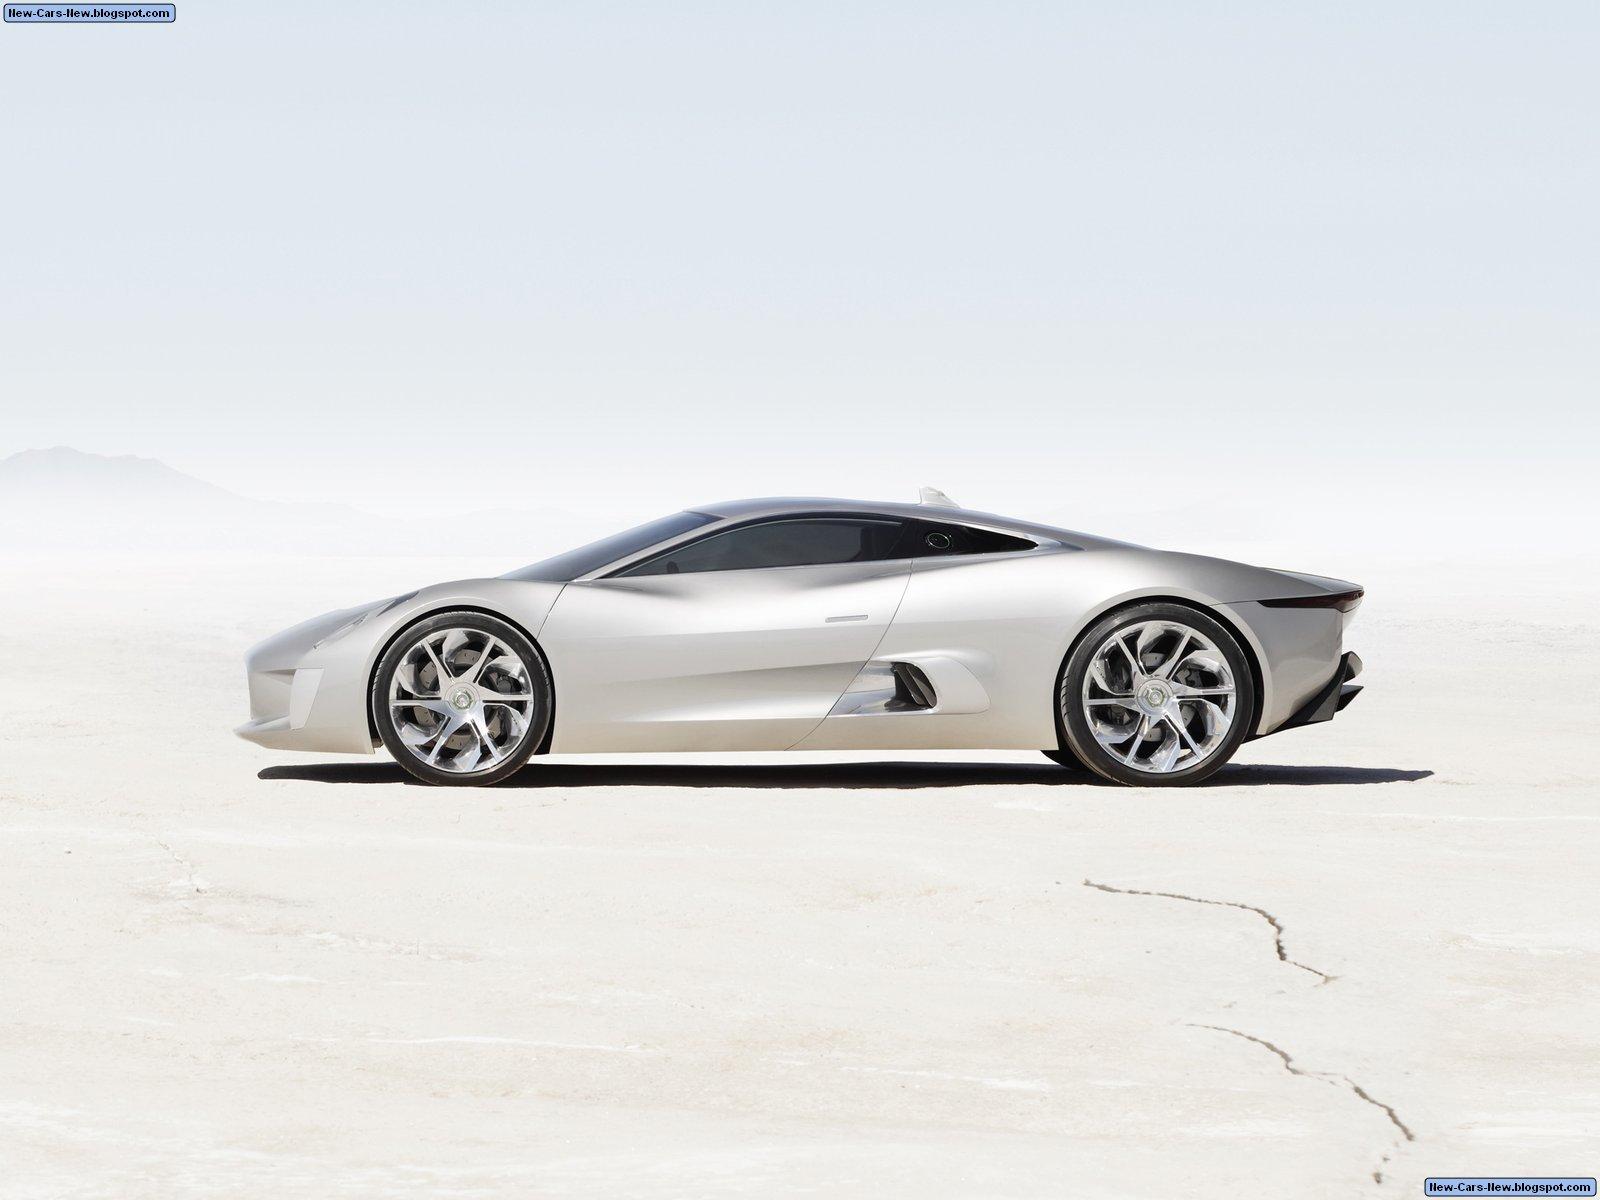 http://4.bp.blogspot.com/_U4w592tUDHM/TM2tJVWEEyI/AAAAAAAAFro/Quj-3R_U9NA/s1600/Jaguar-C-X75_Concept_2010_1600x1200_wallpaper_03.jpg